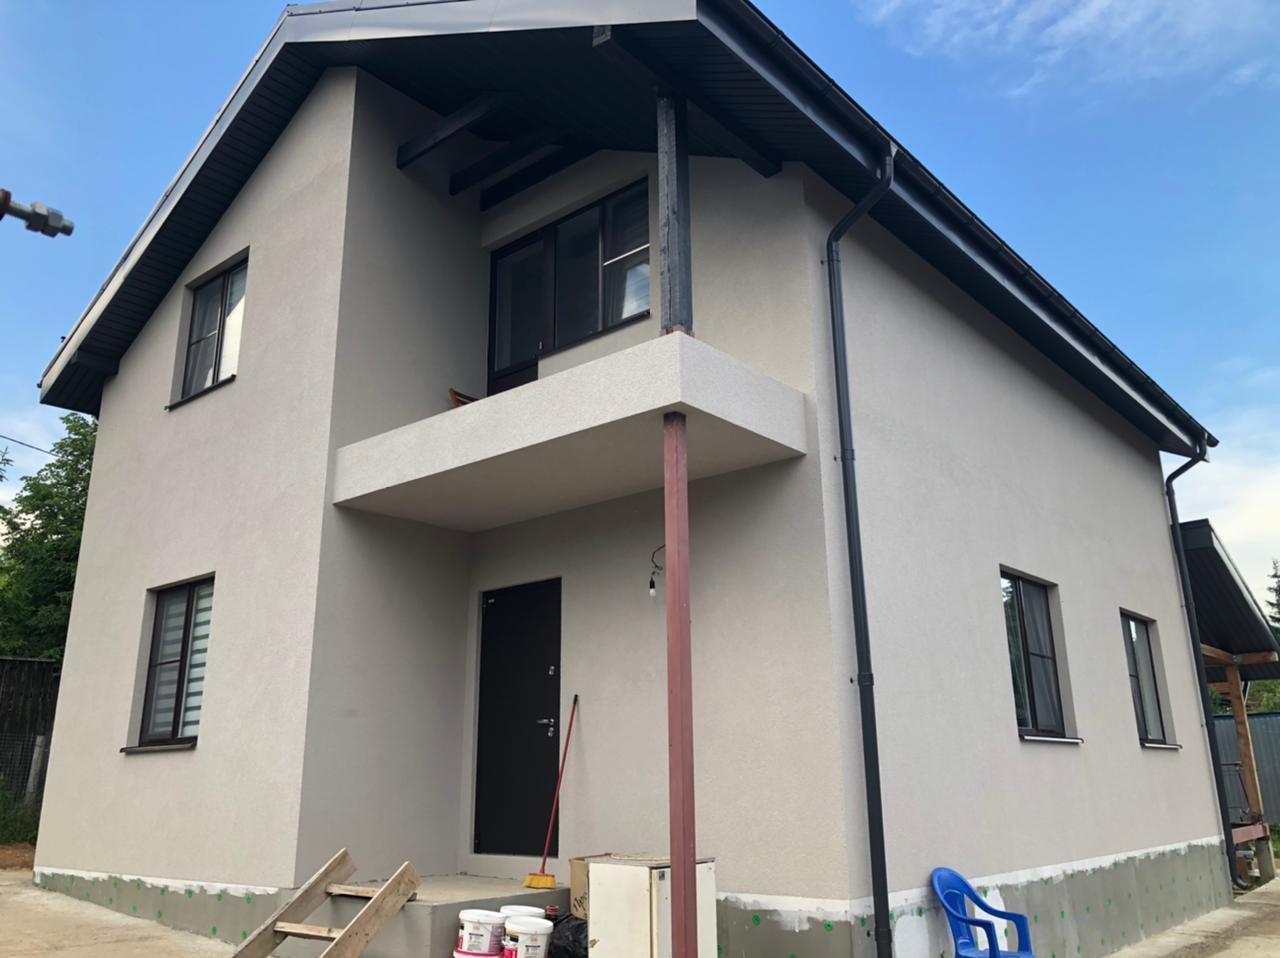 Завершение фасадных работ в СНТ Шапито